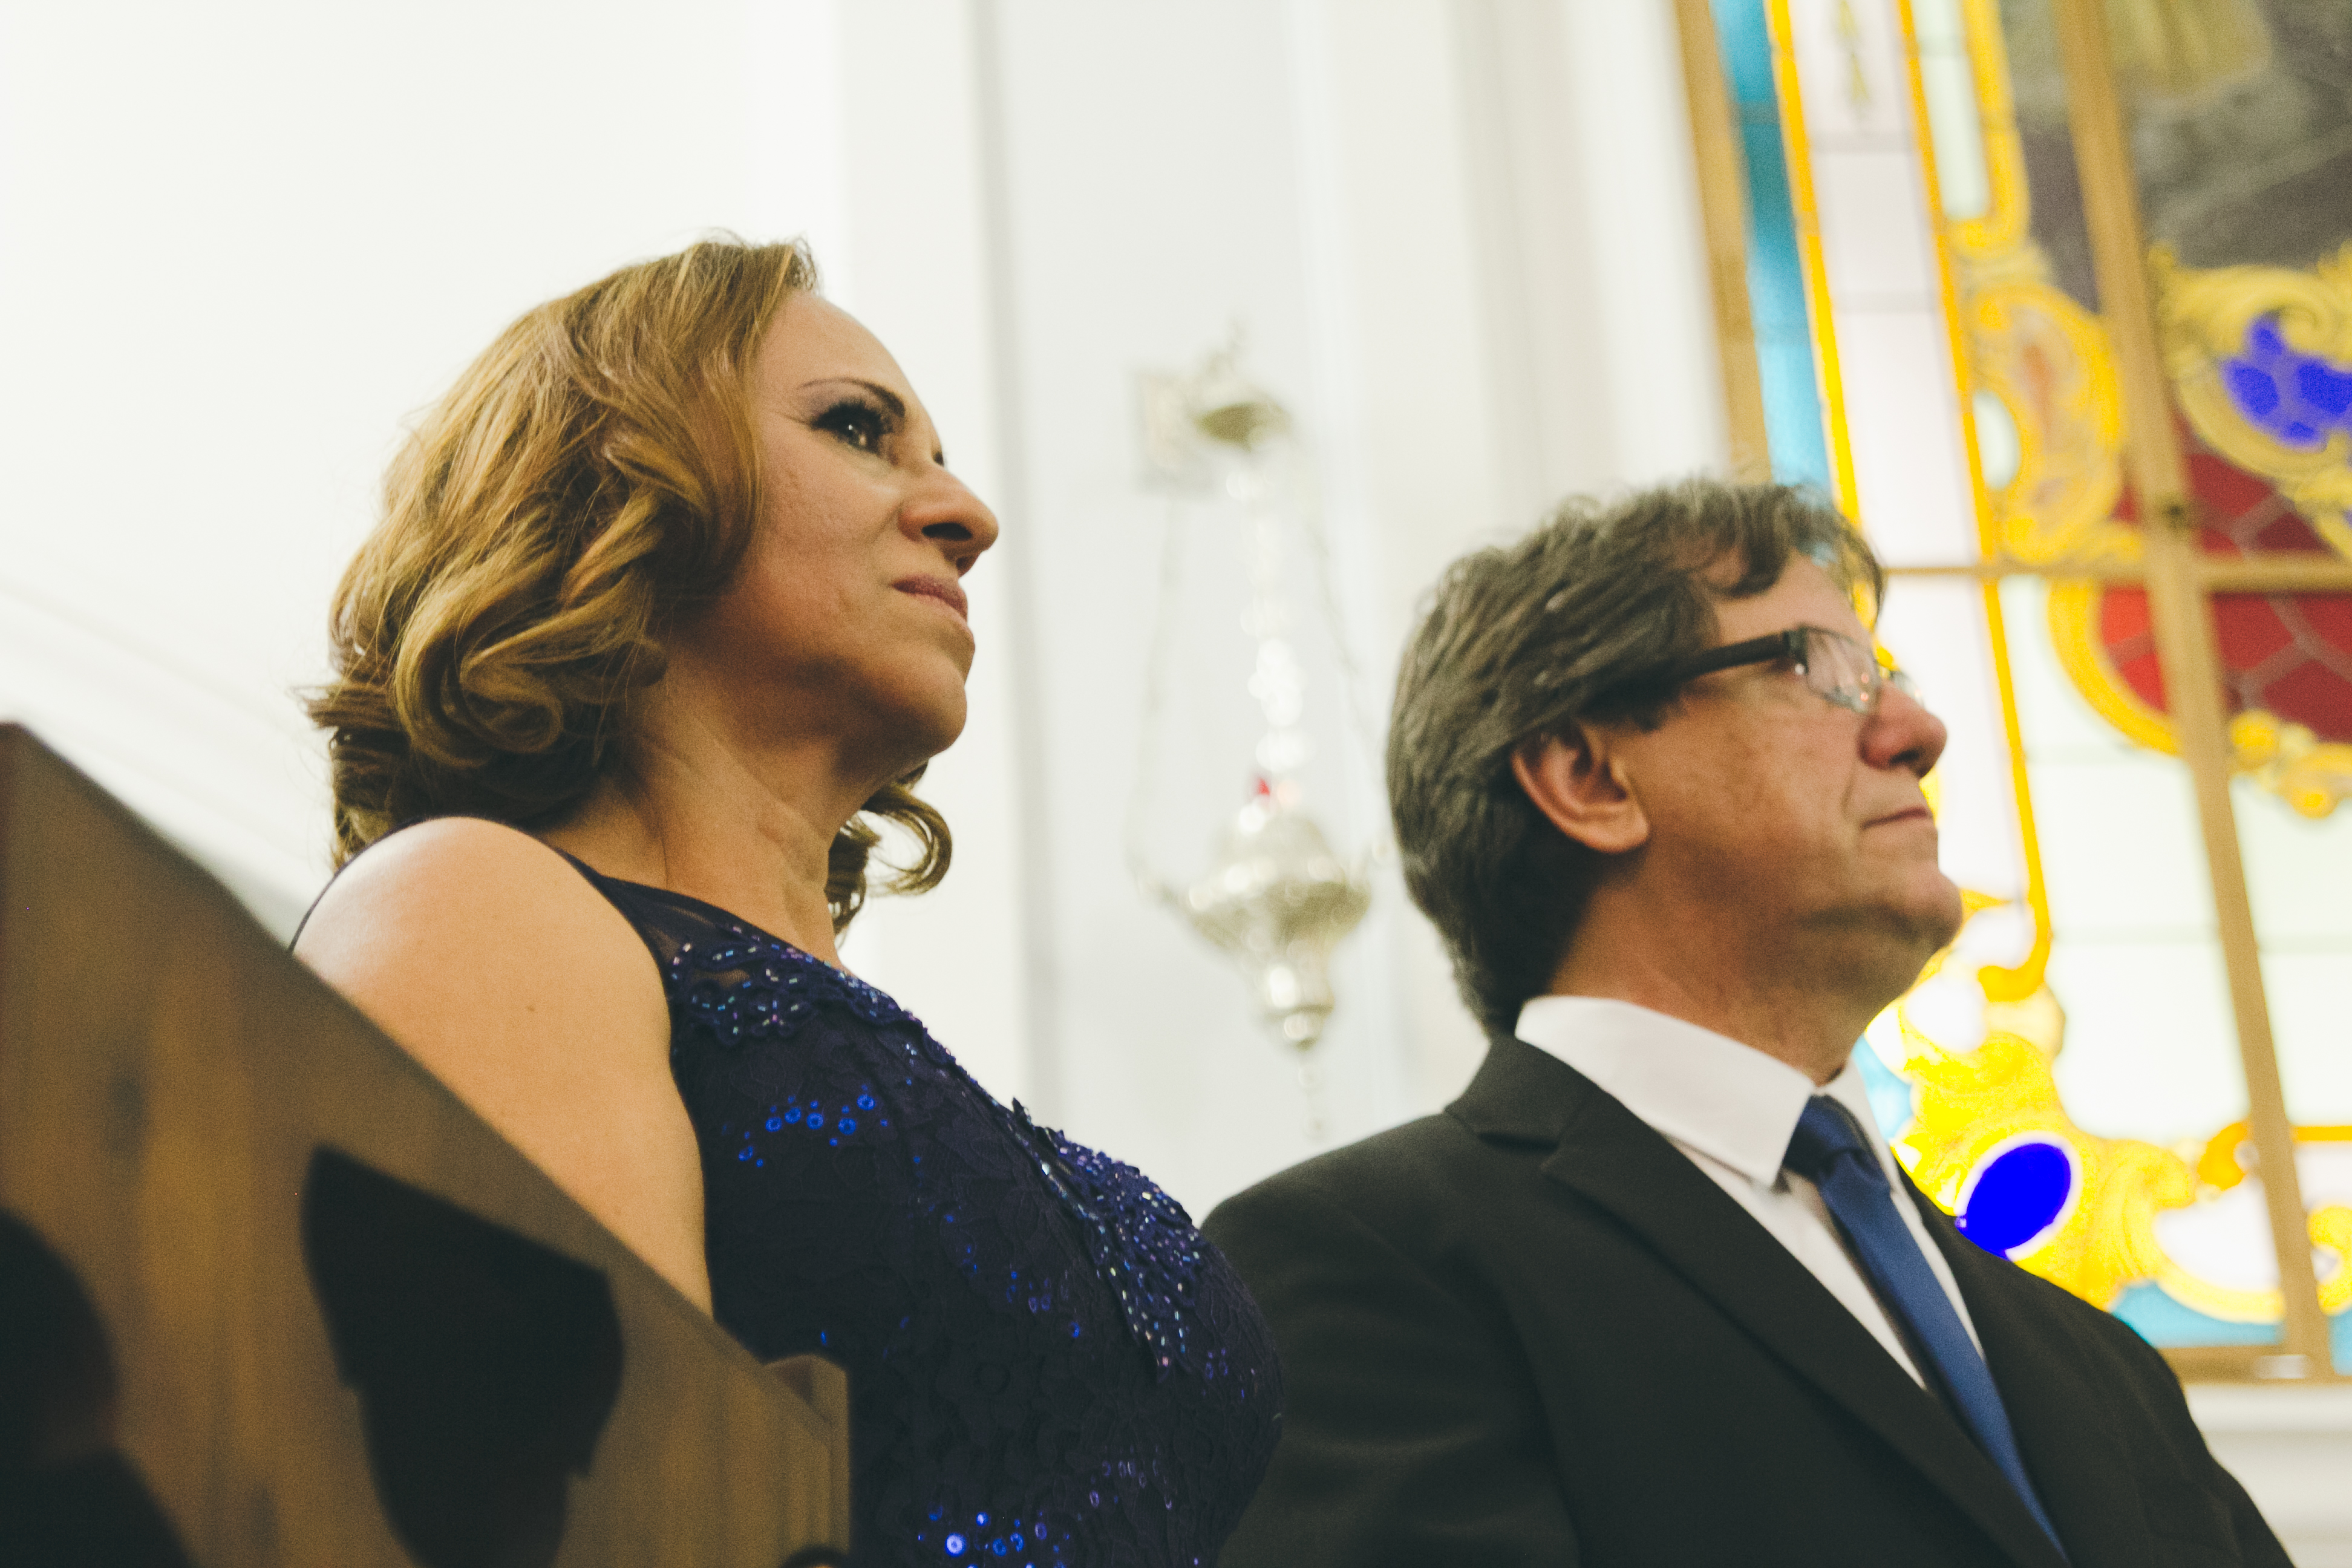 Vivian e Luiz-1180.jpg